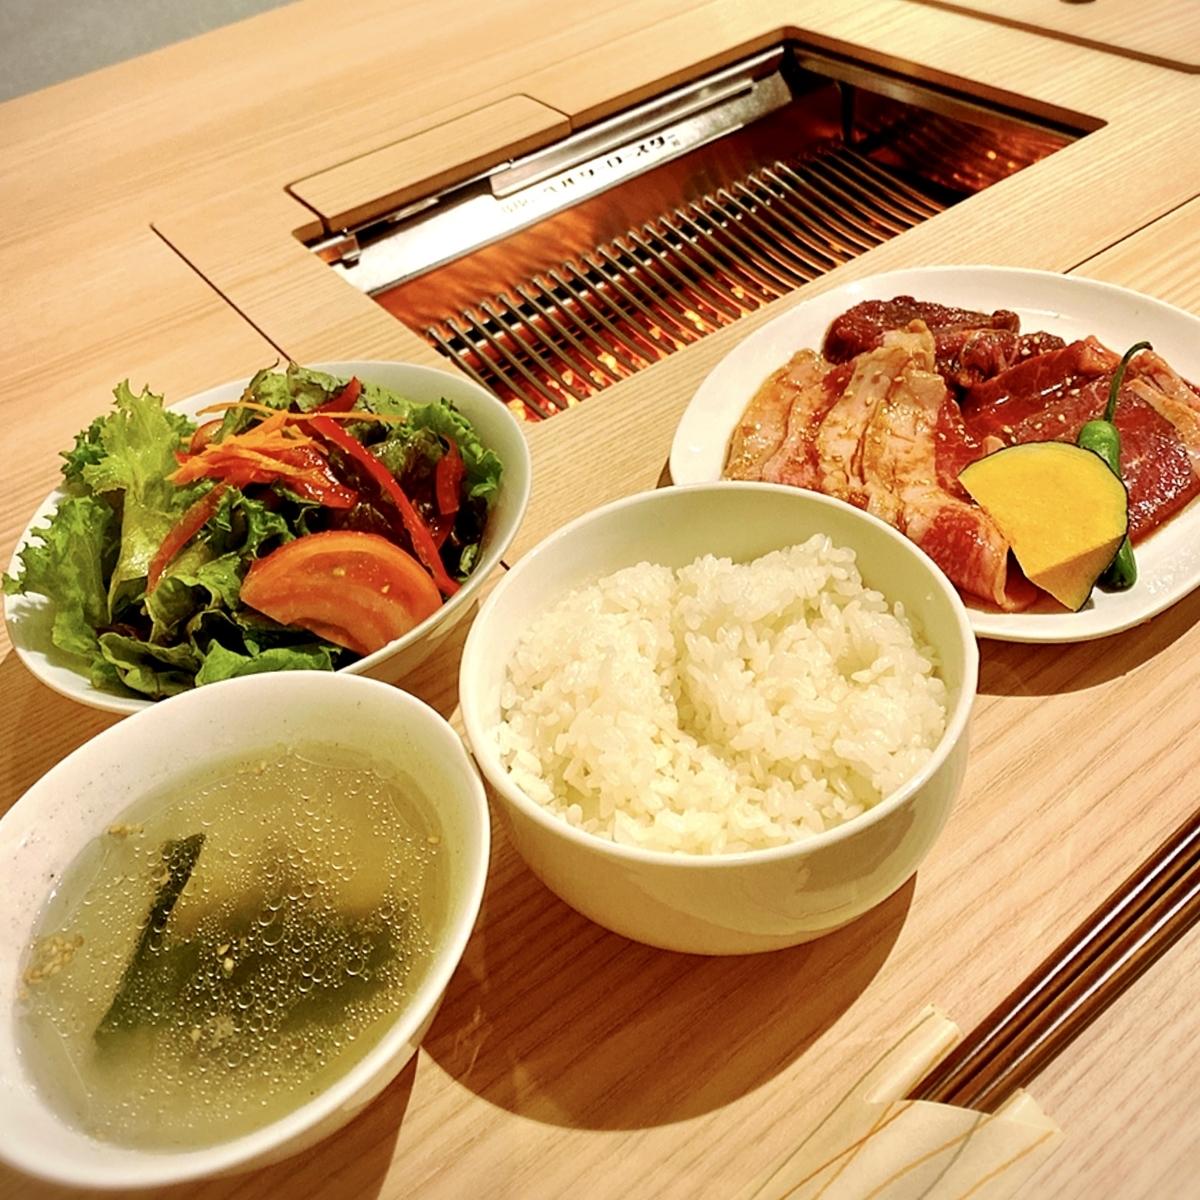 隠れ家的焼肉屋がヨドバシカメラ吉祥寺前にニューオープン!~柚子ダレが美味い